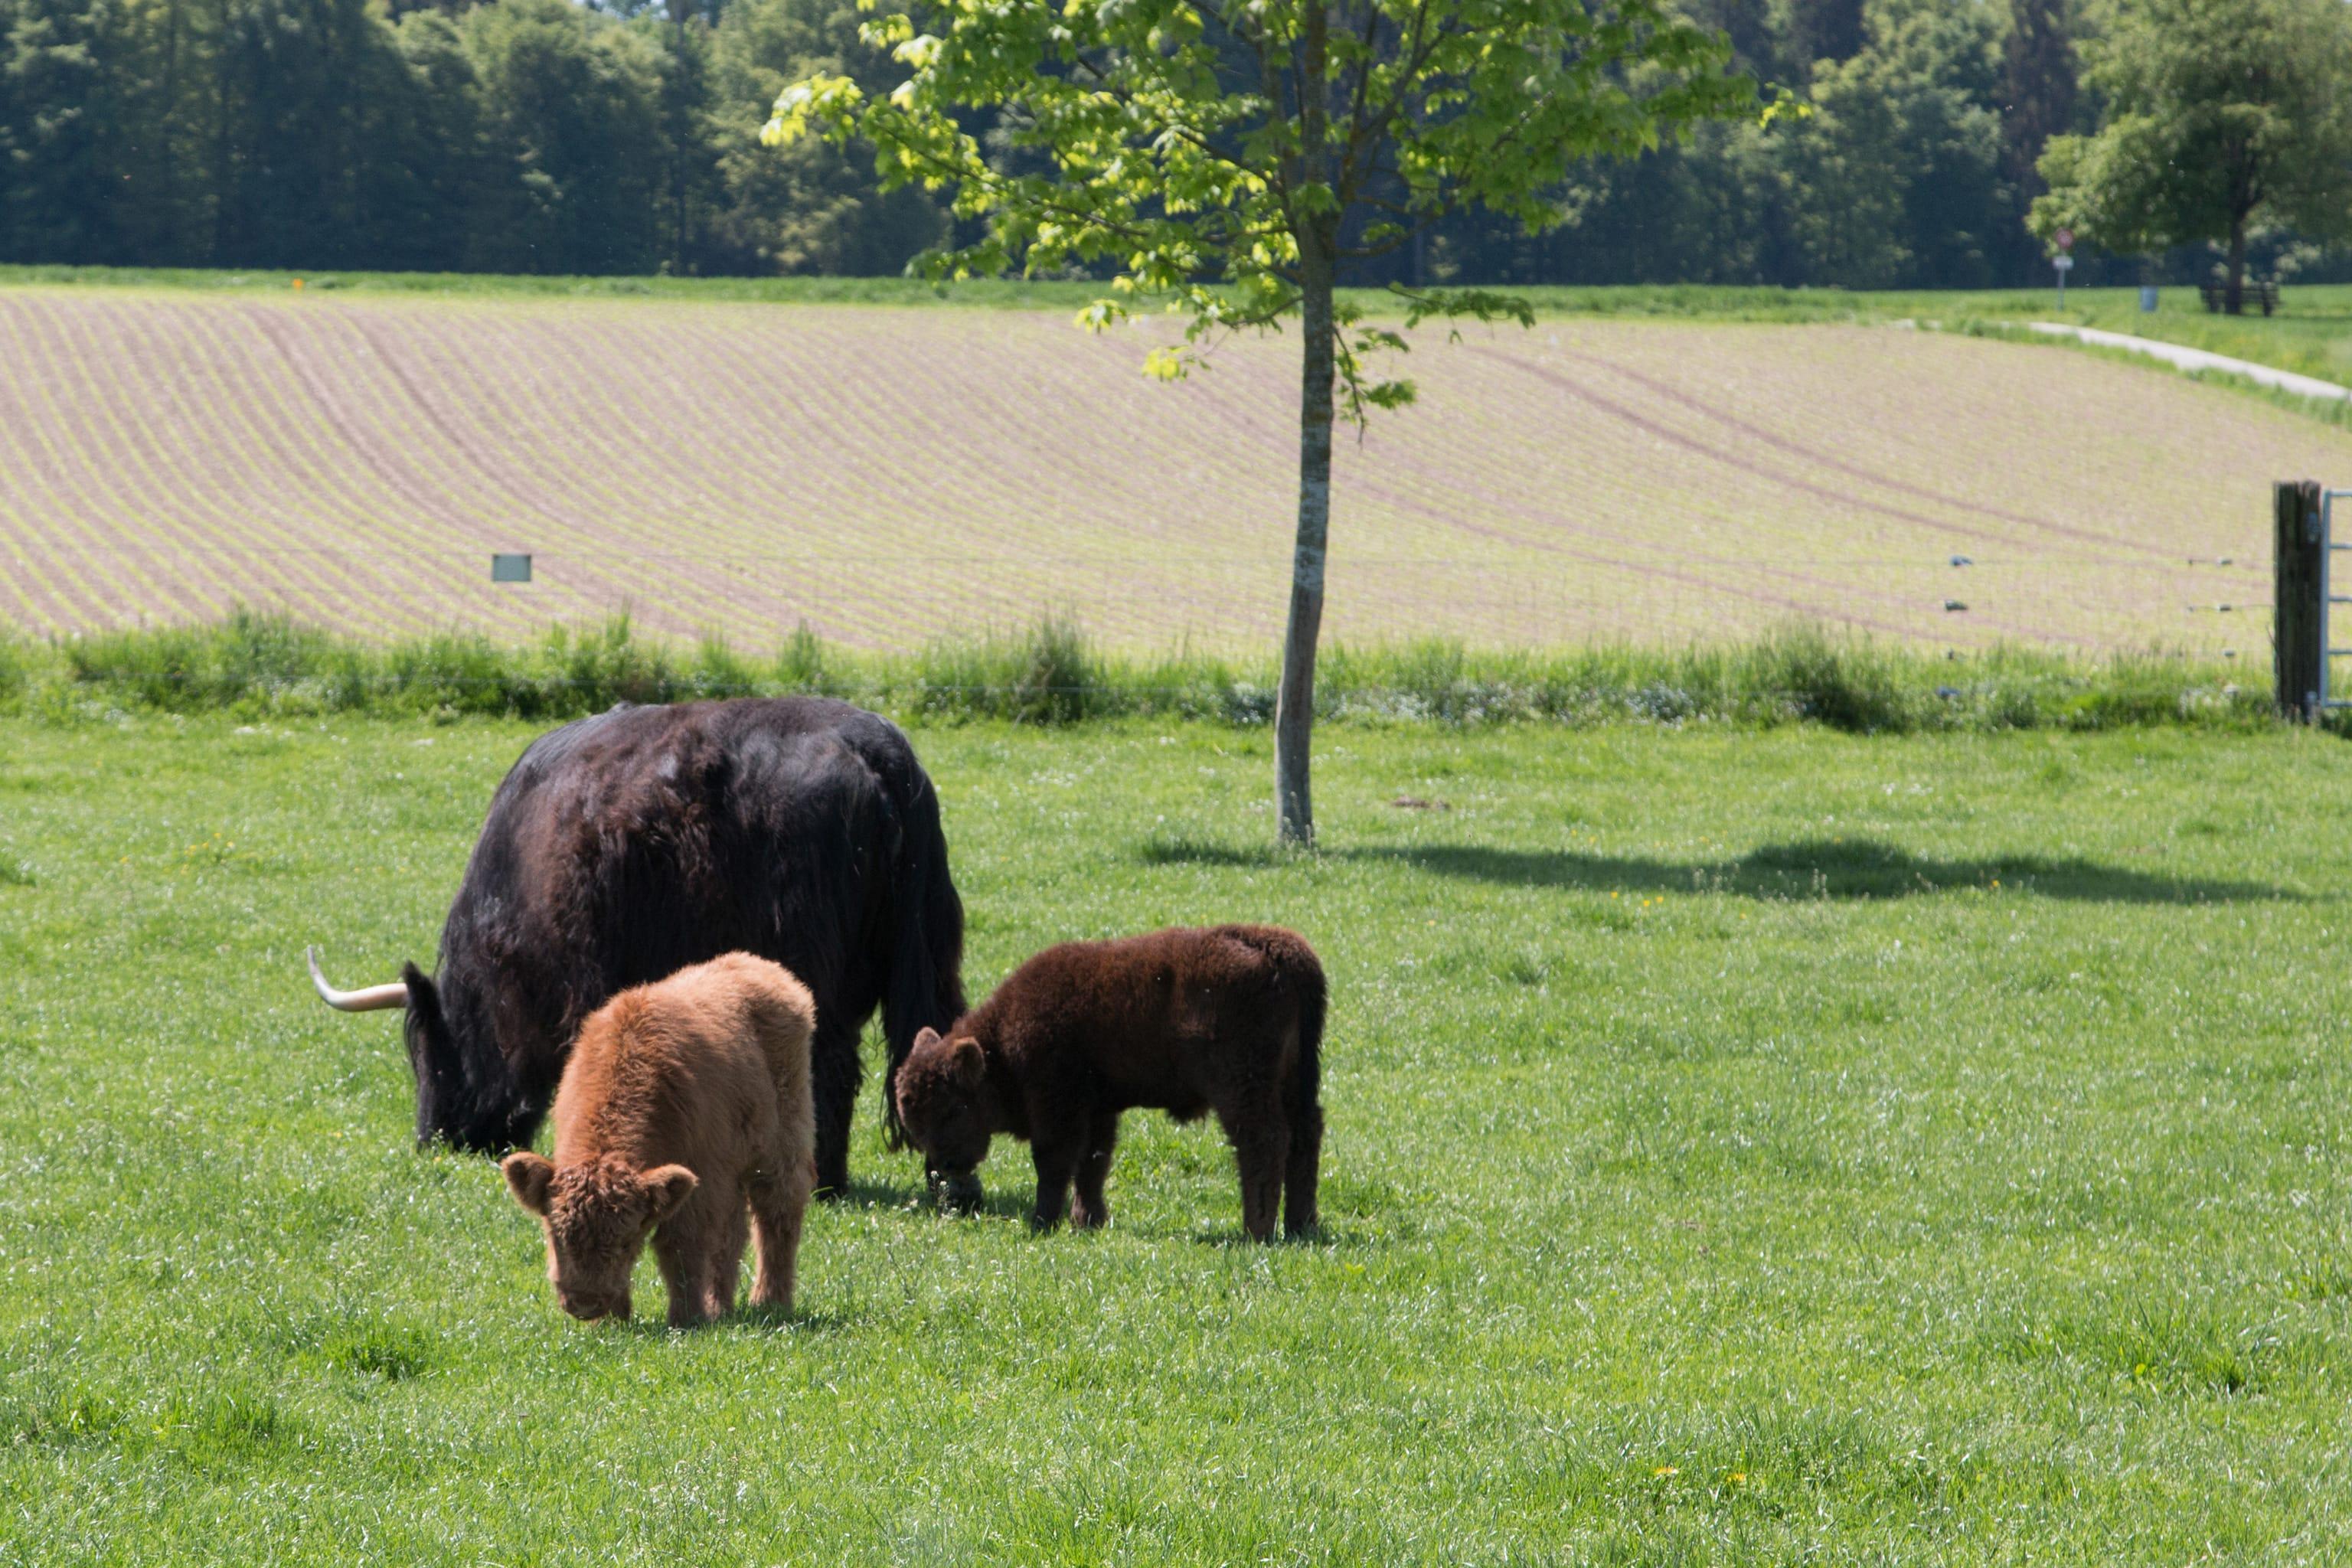 Saftiges Gras schmeckt grossen und kleinen Hochlandrindern auf der power-farm bestens.